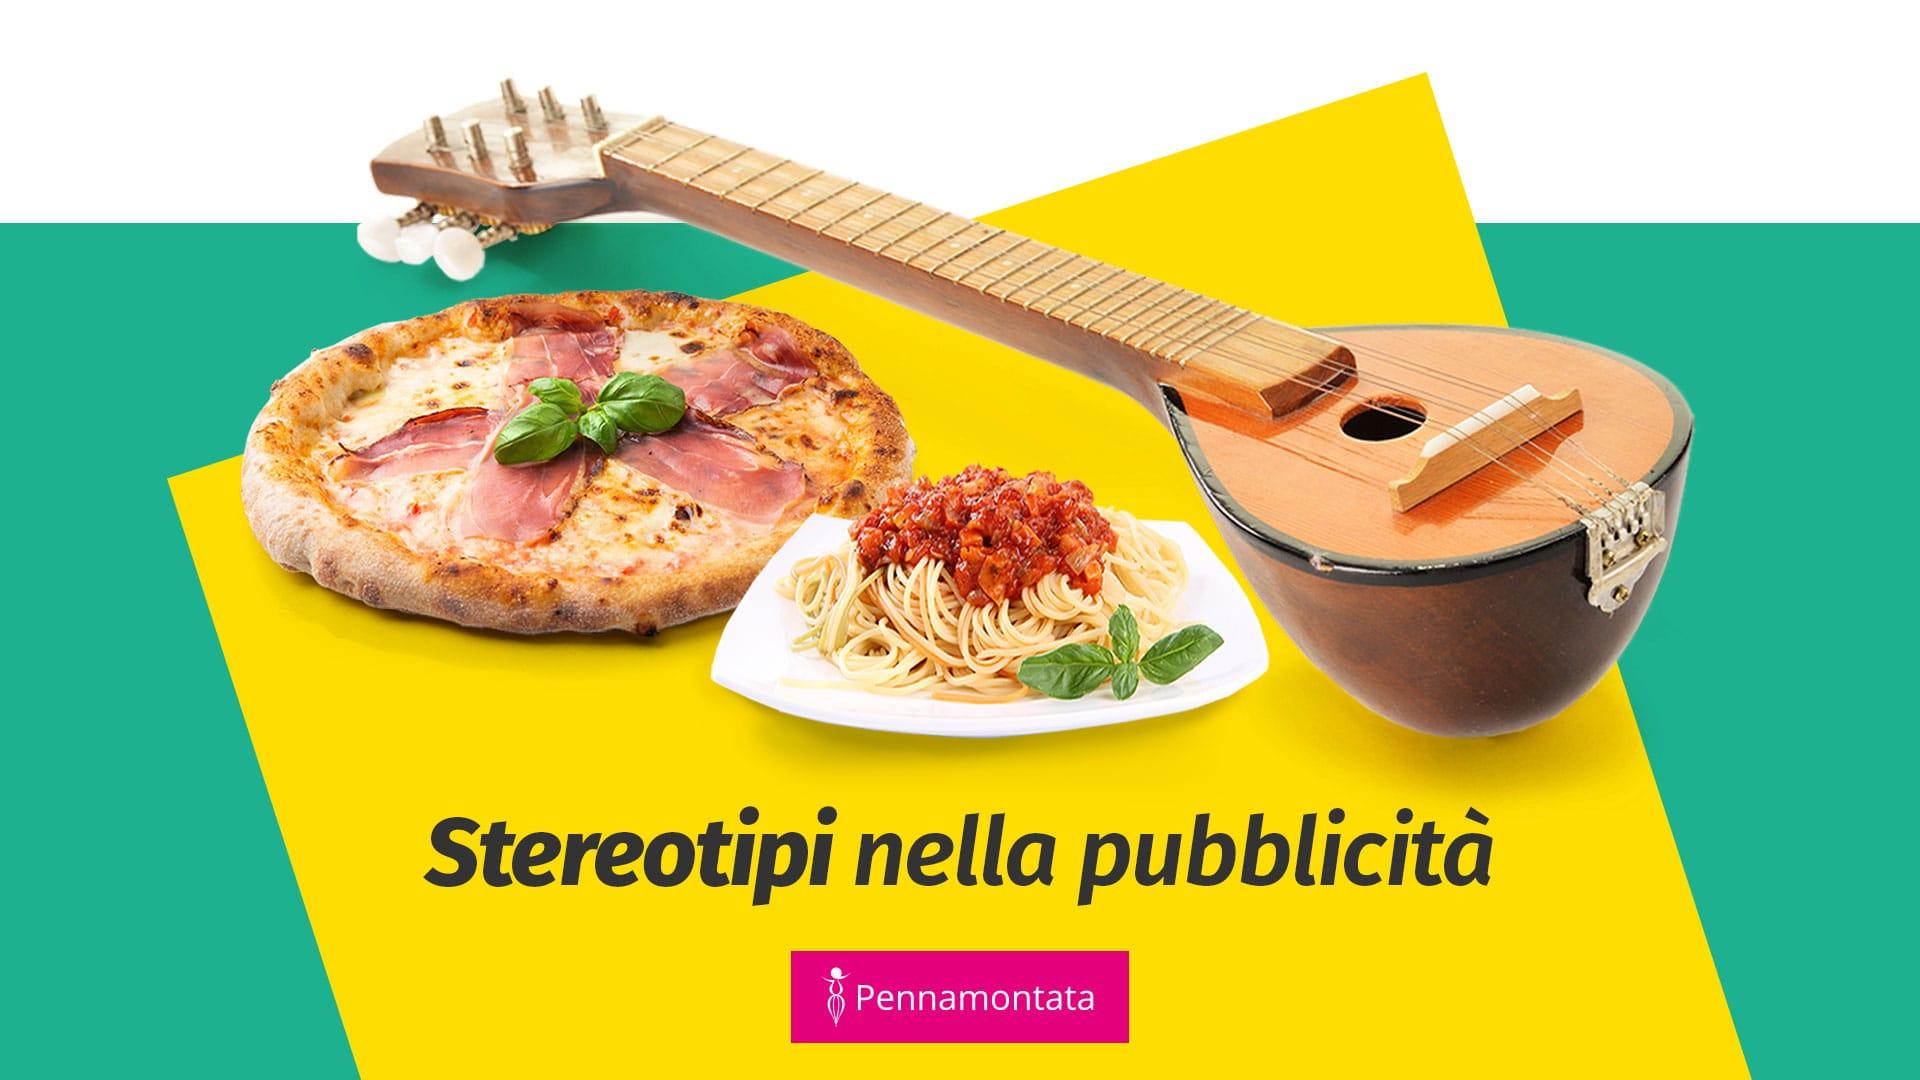 stereotipi nella pubblicità